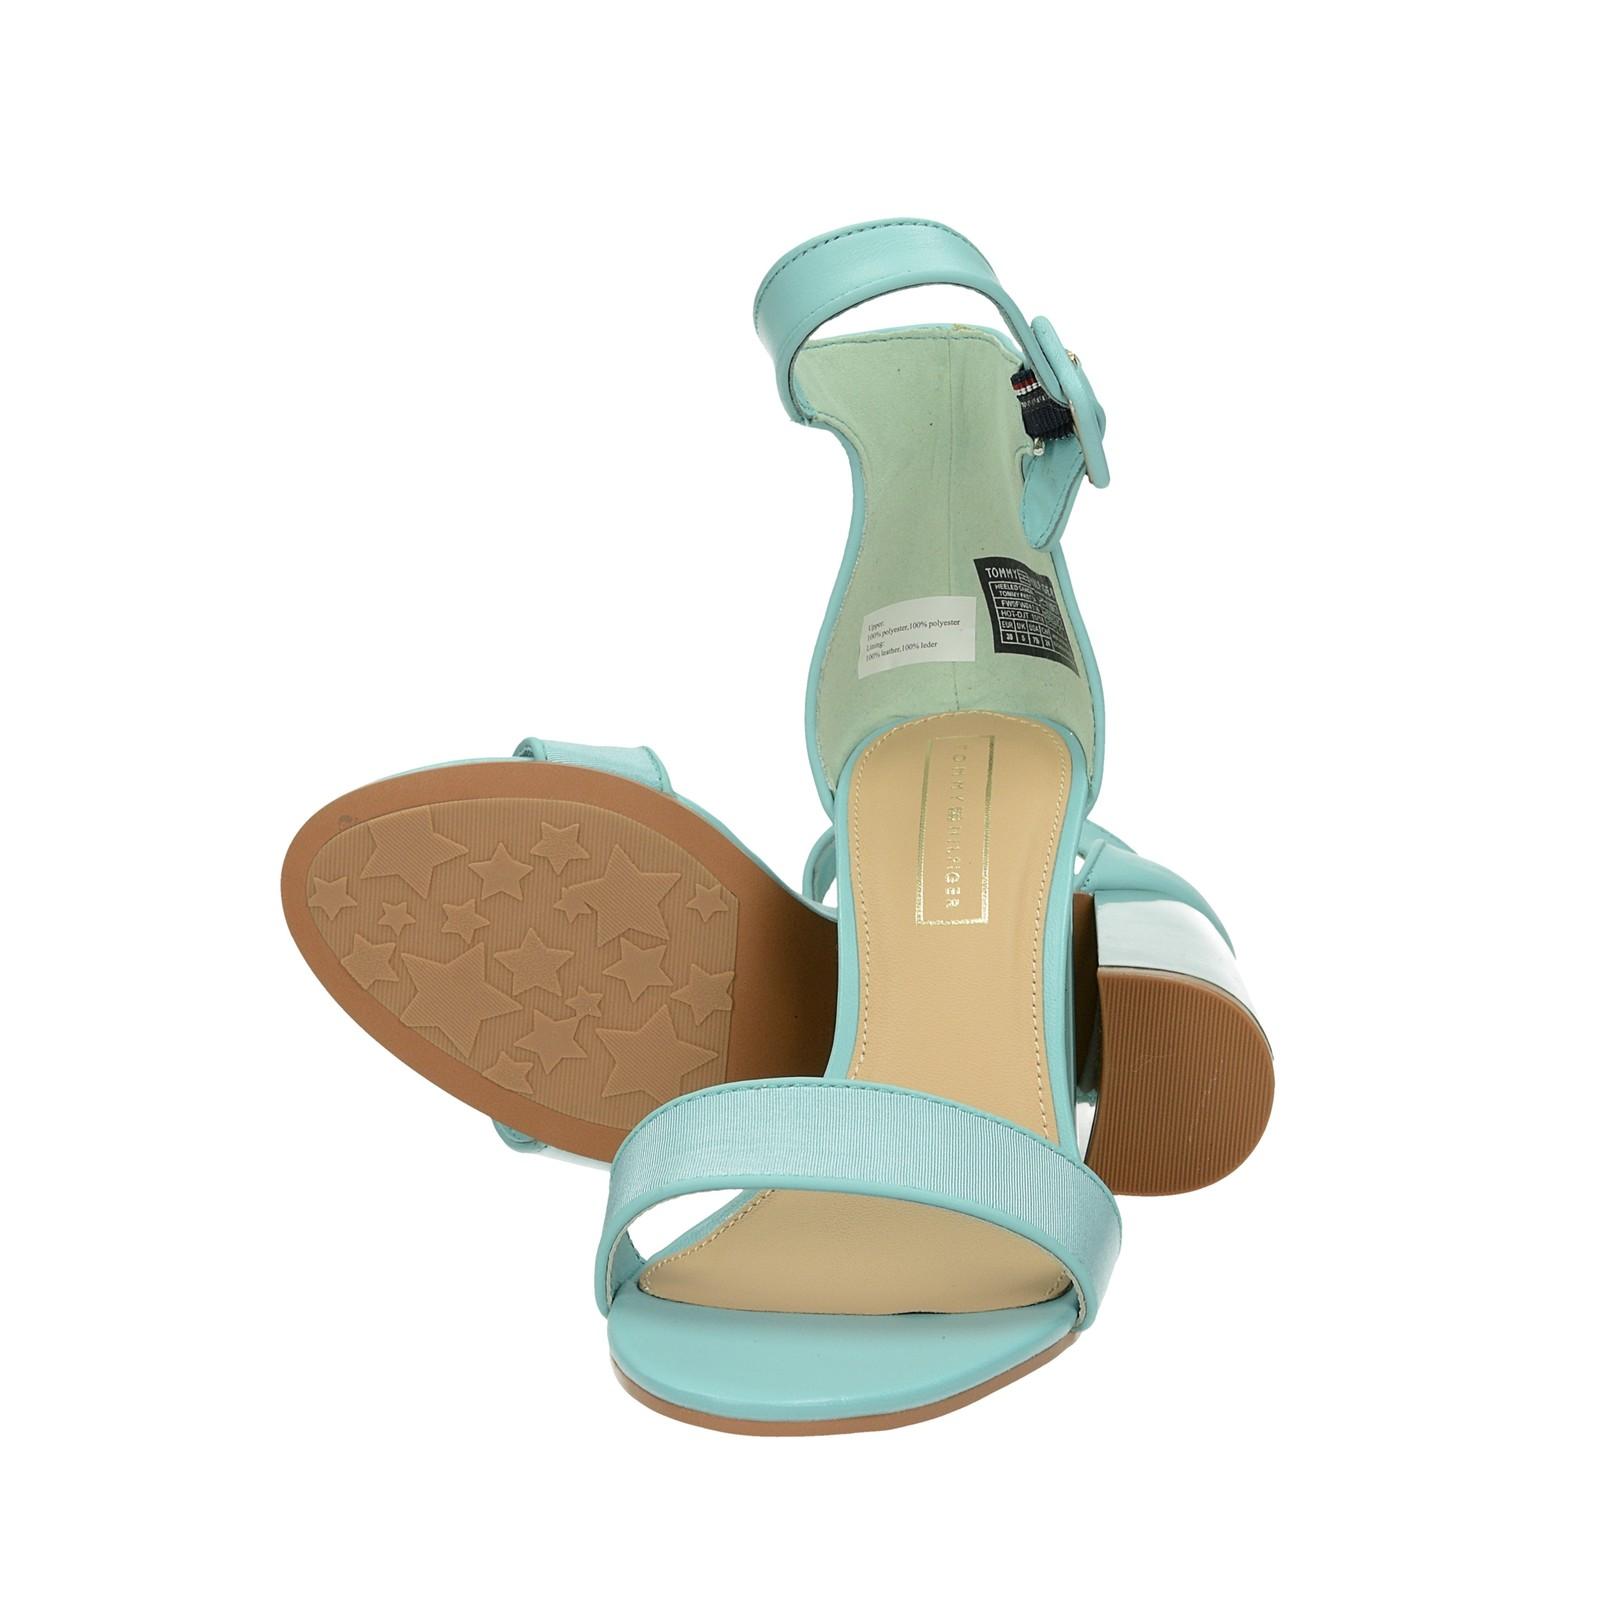 ff36af36c4 ... Tommy Hilfiger dámske štýlové sandále na vysokom podpätku - zelené ...